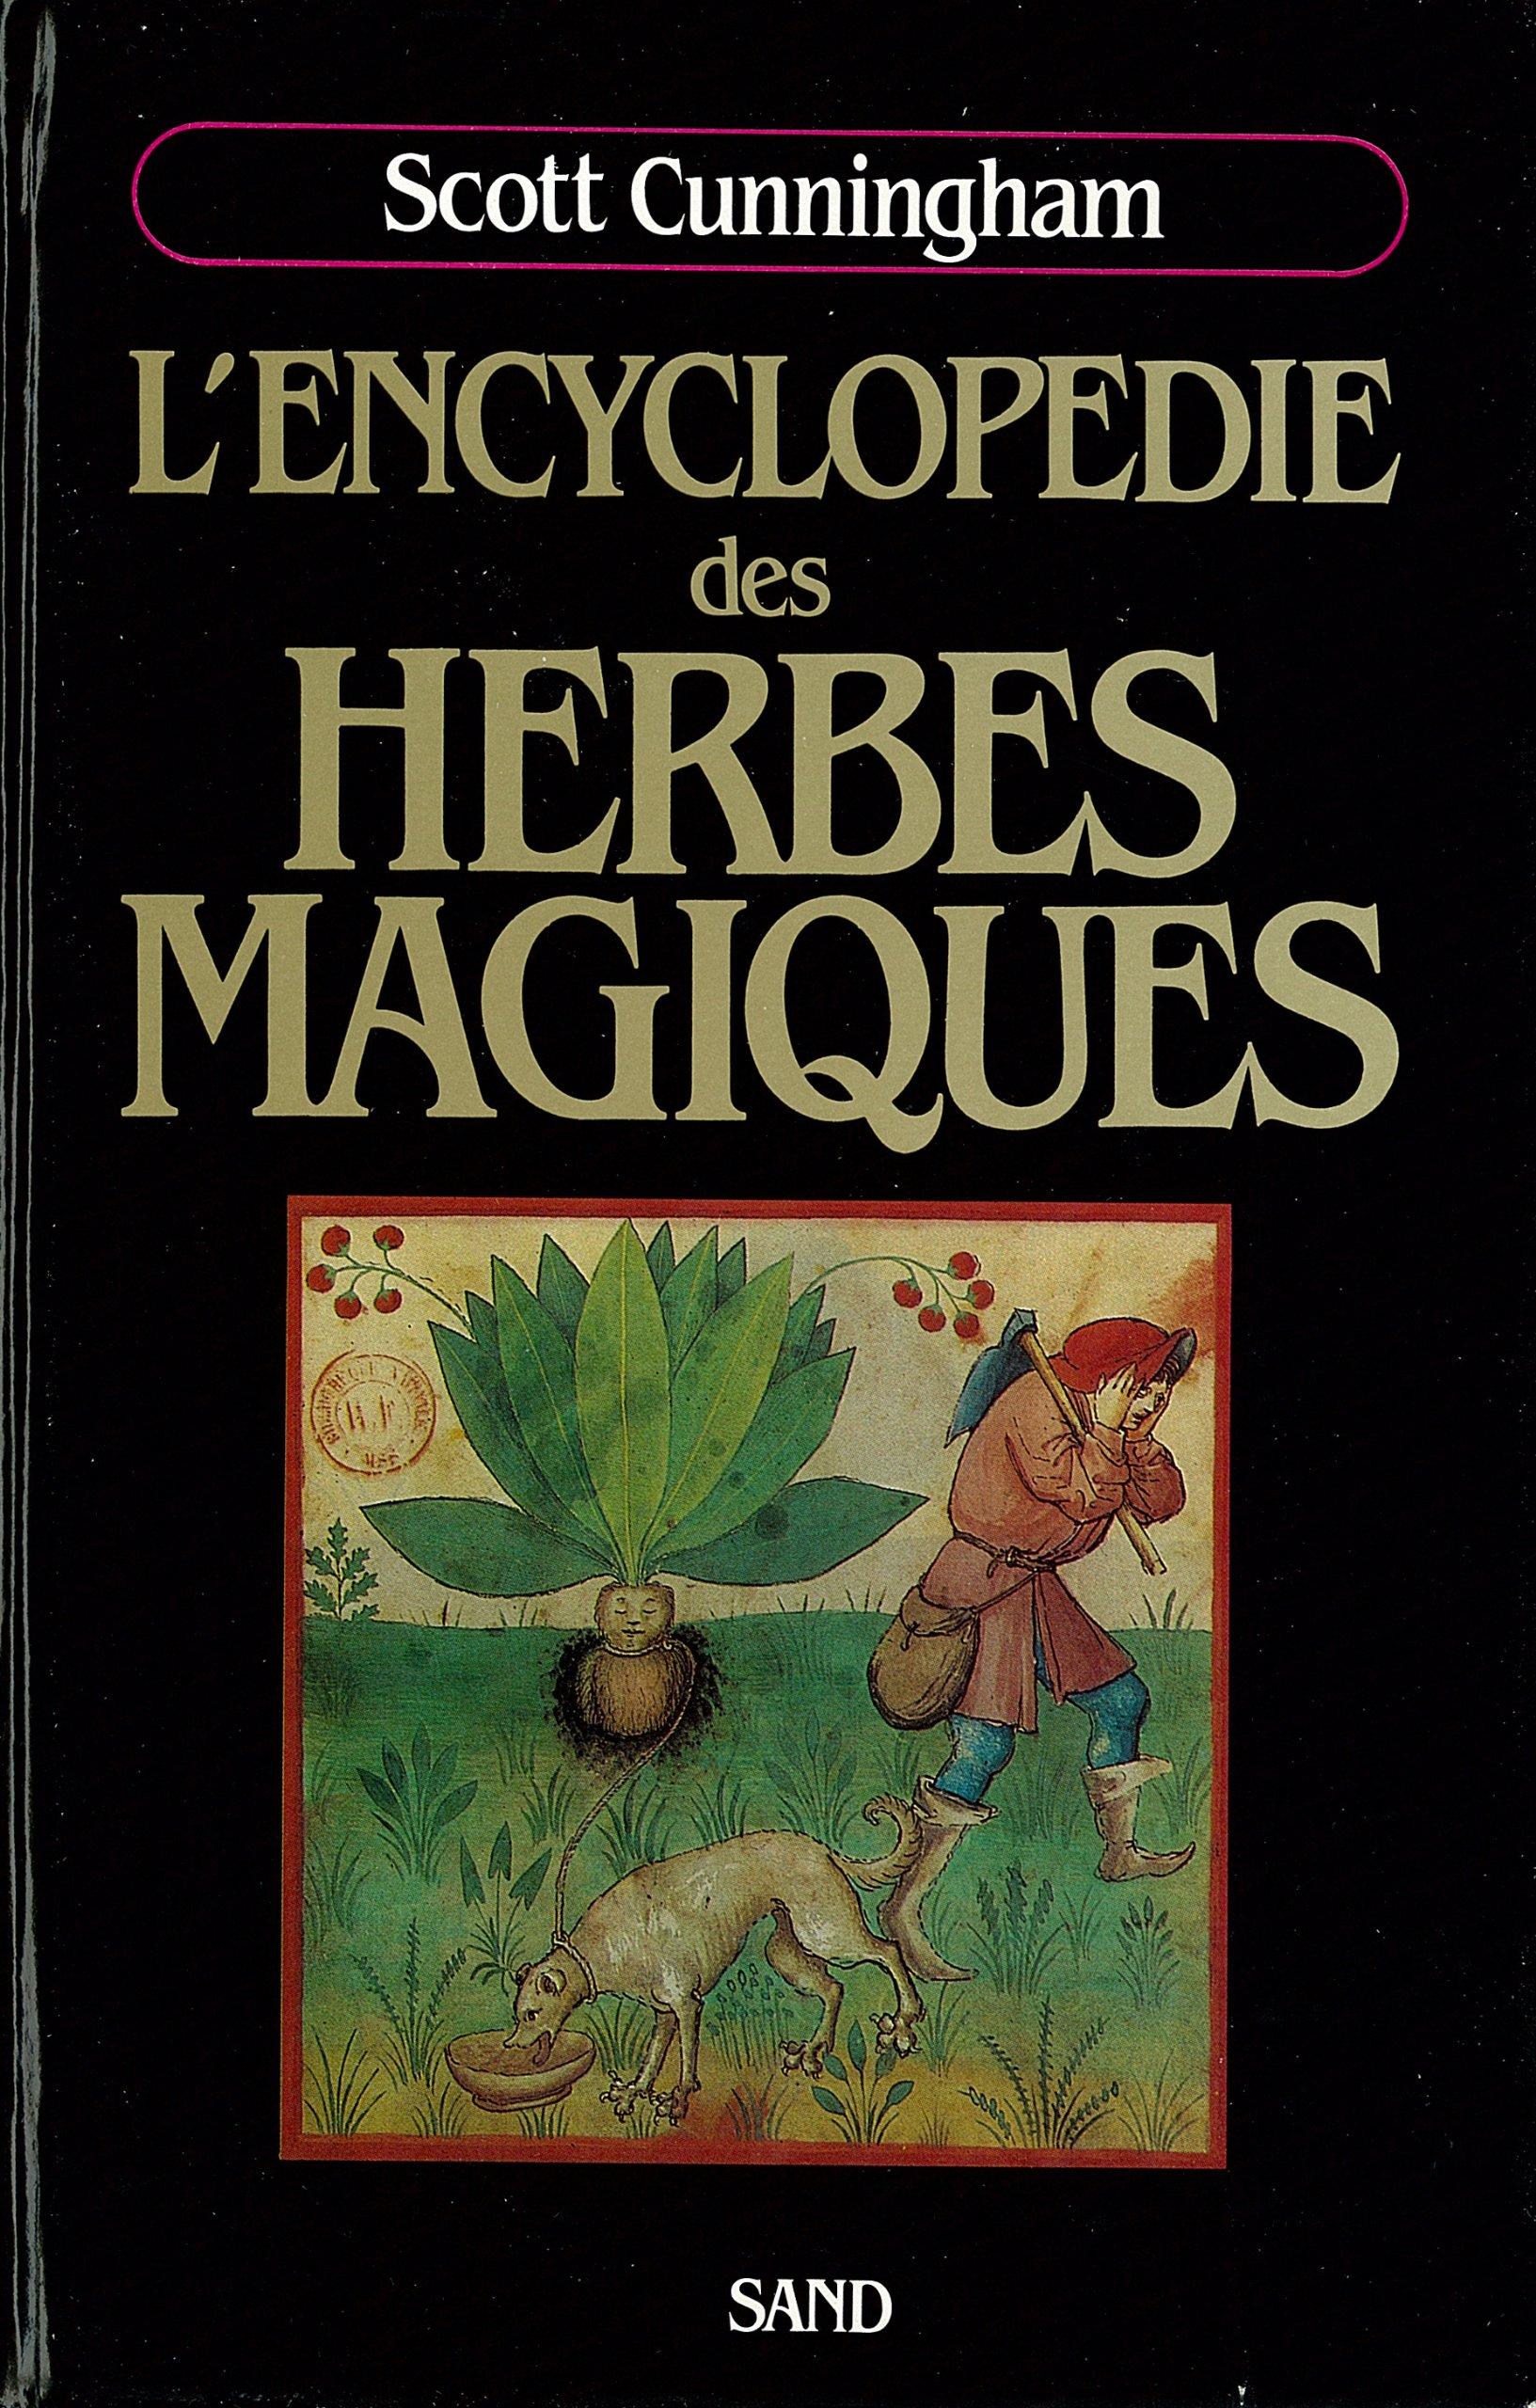 herbes magiques